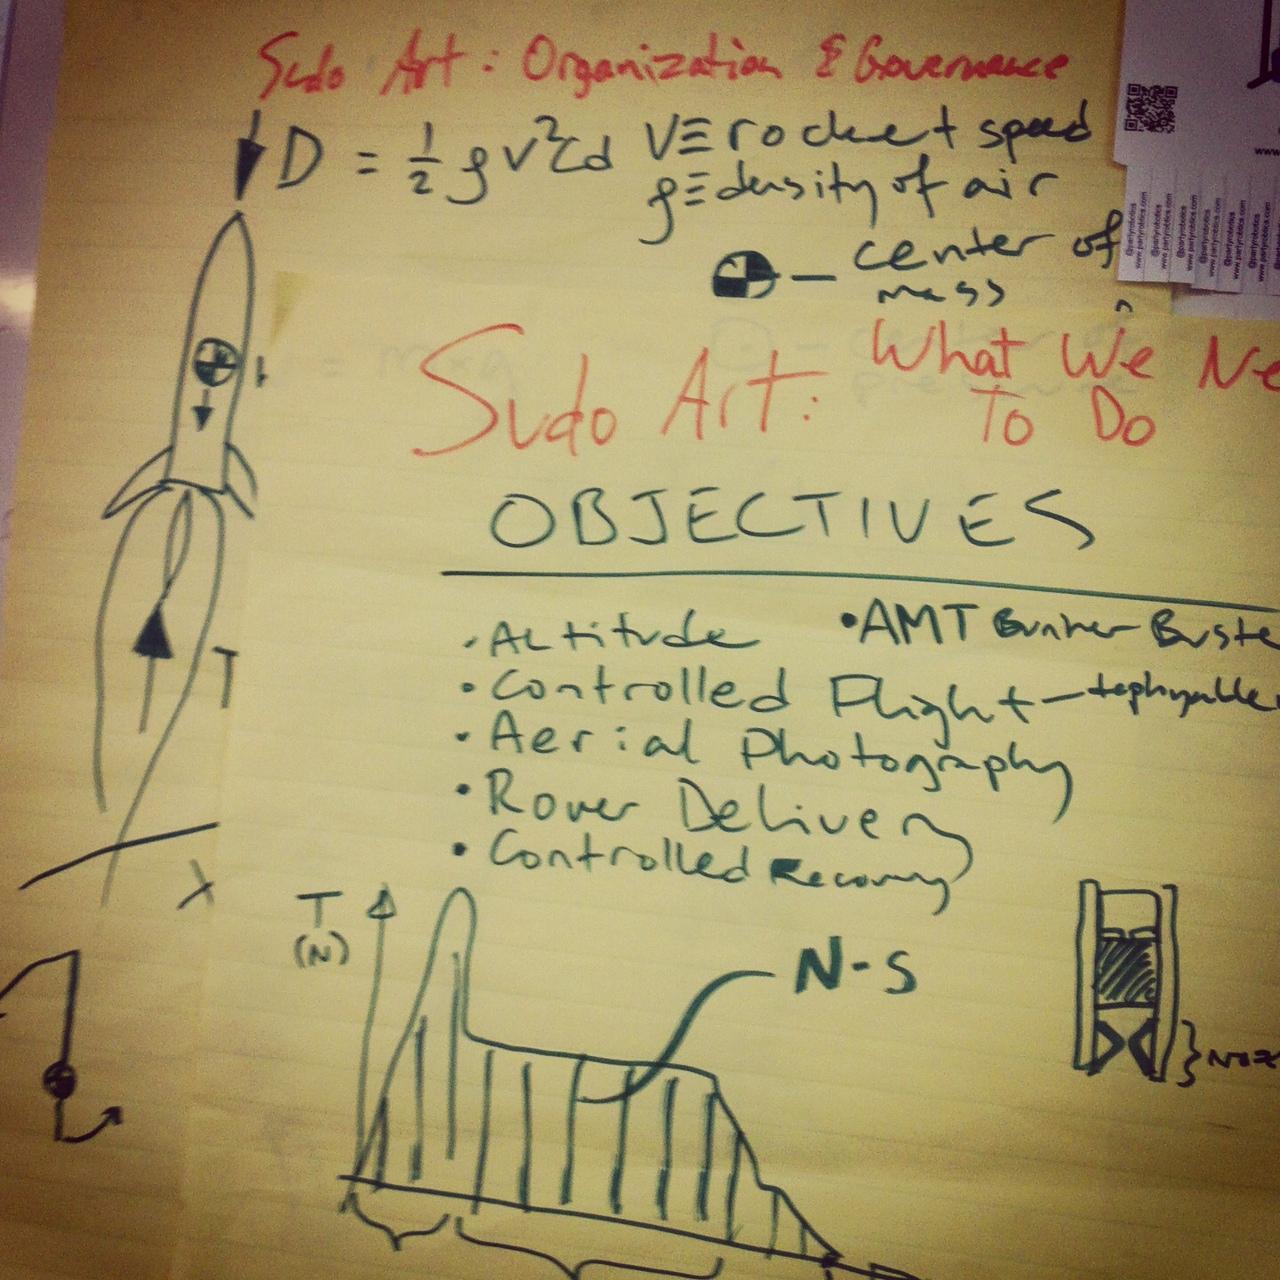 SudoRoom brainstorming